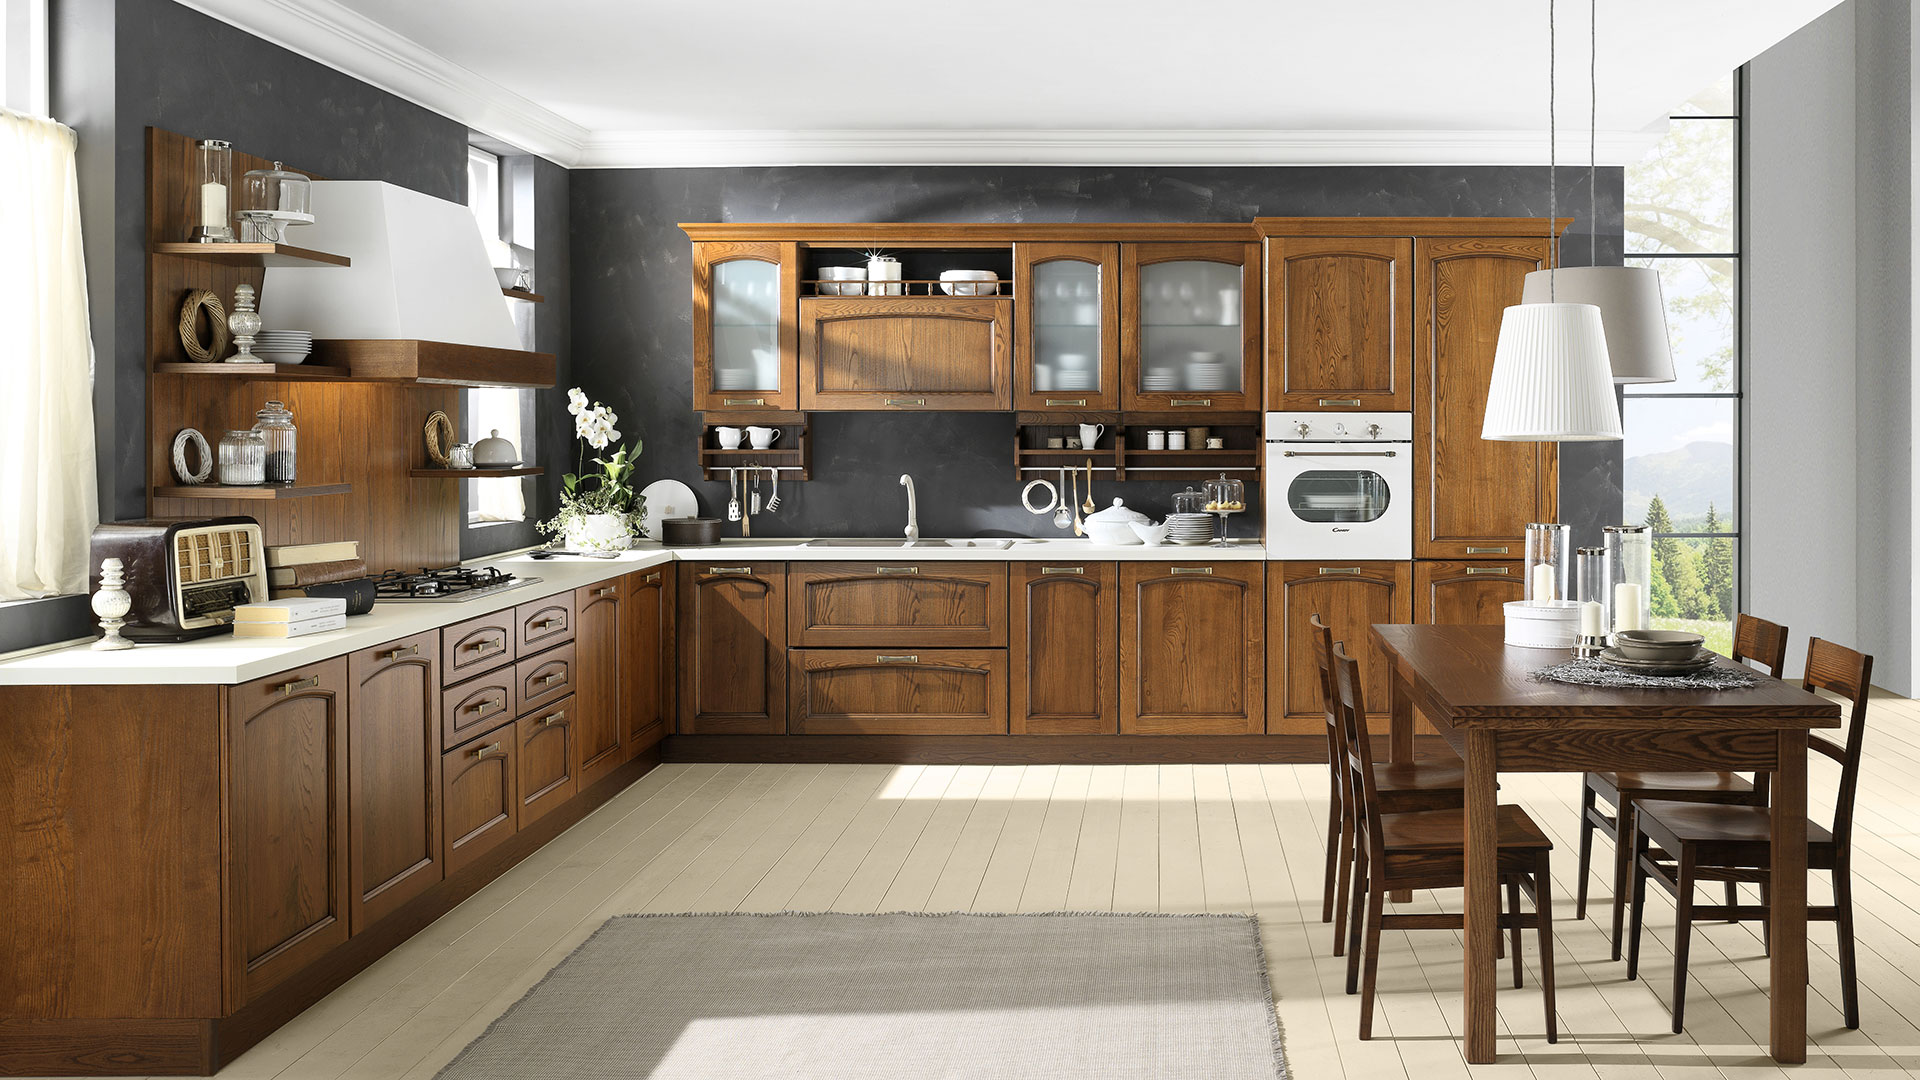 Cucine classiche evo cucine - Immagini di cucine classiche ...